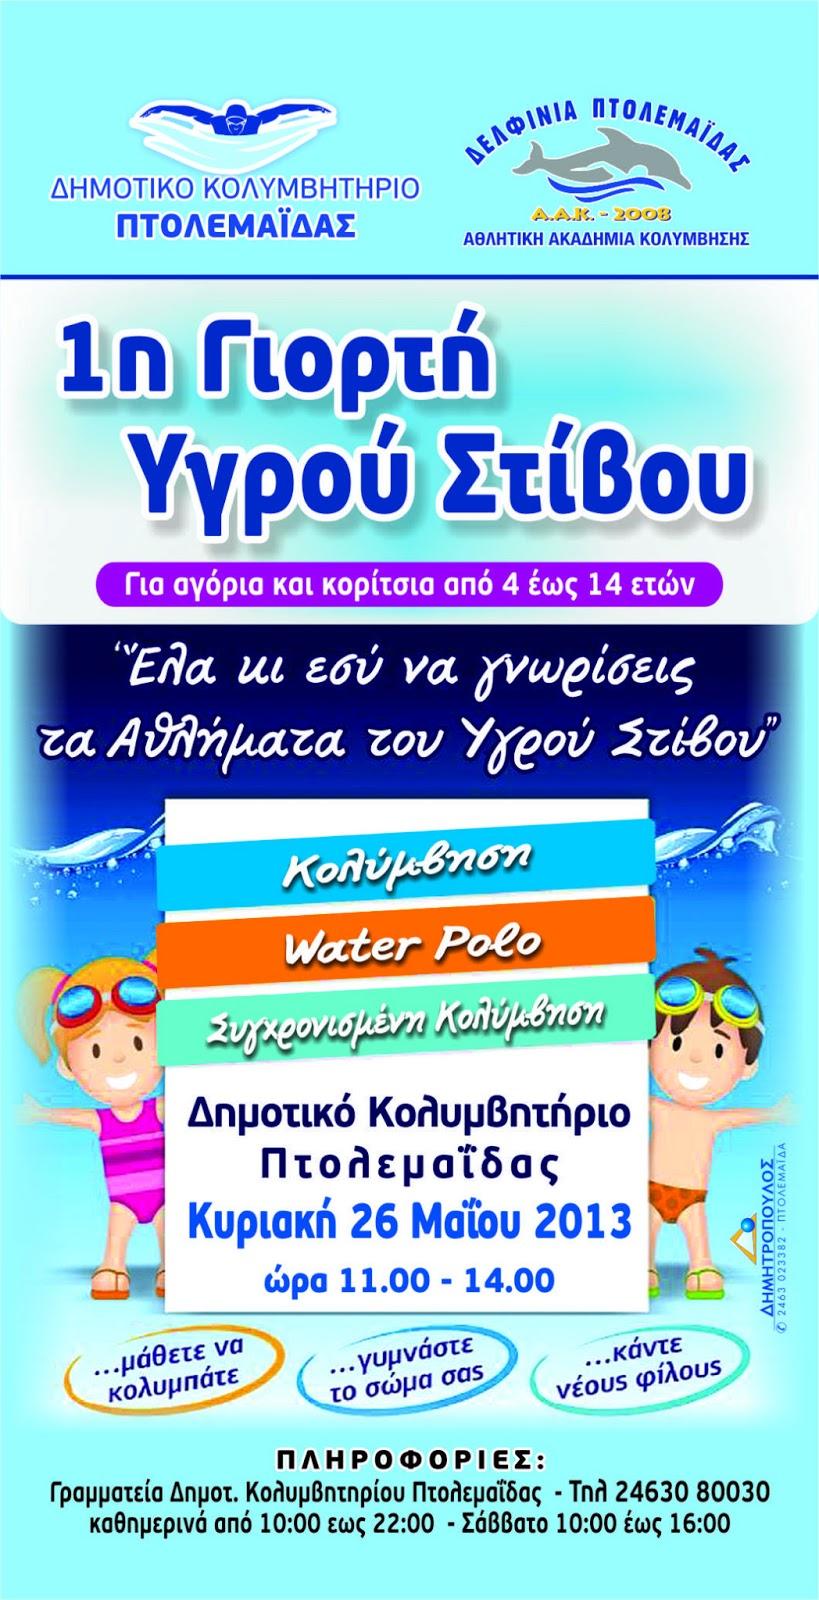 http://2.bp.blogspot.com/-6NBGshYzY4o/UZXRxpdw_FI/AAAAAAAB6ac/qP0ObIjS8X0/s1600/Giorti+1.jpg